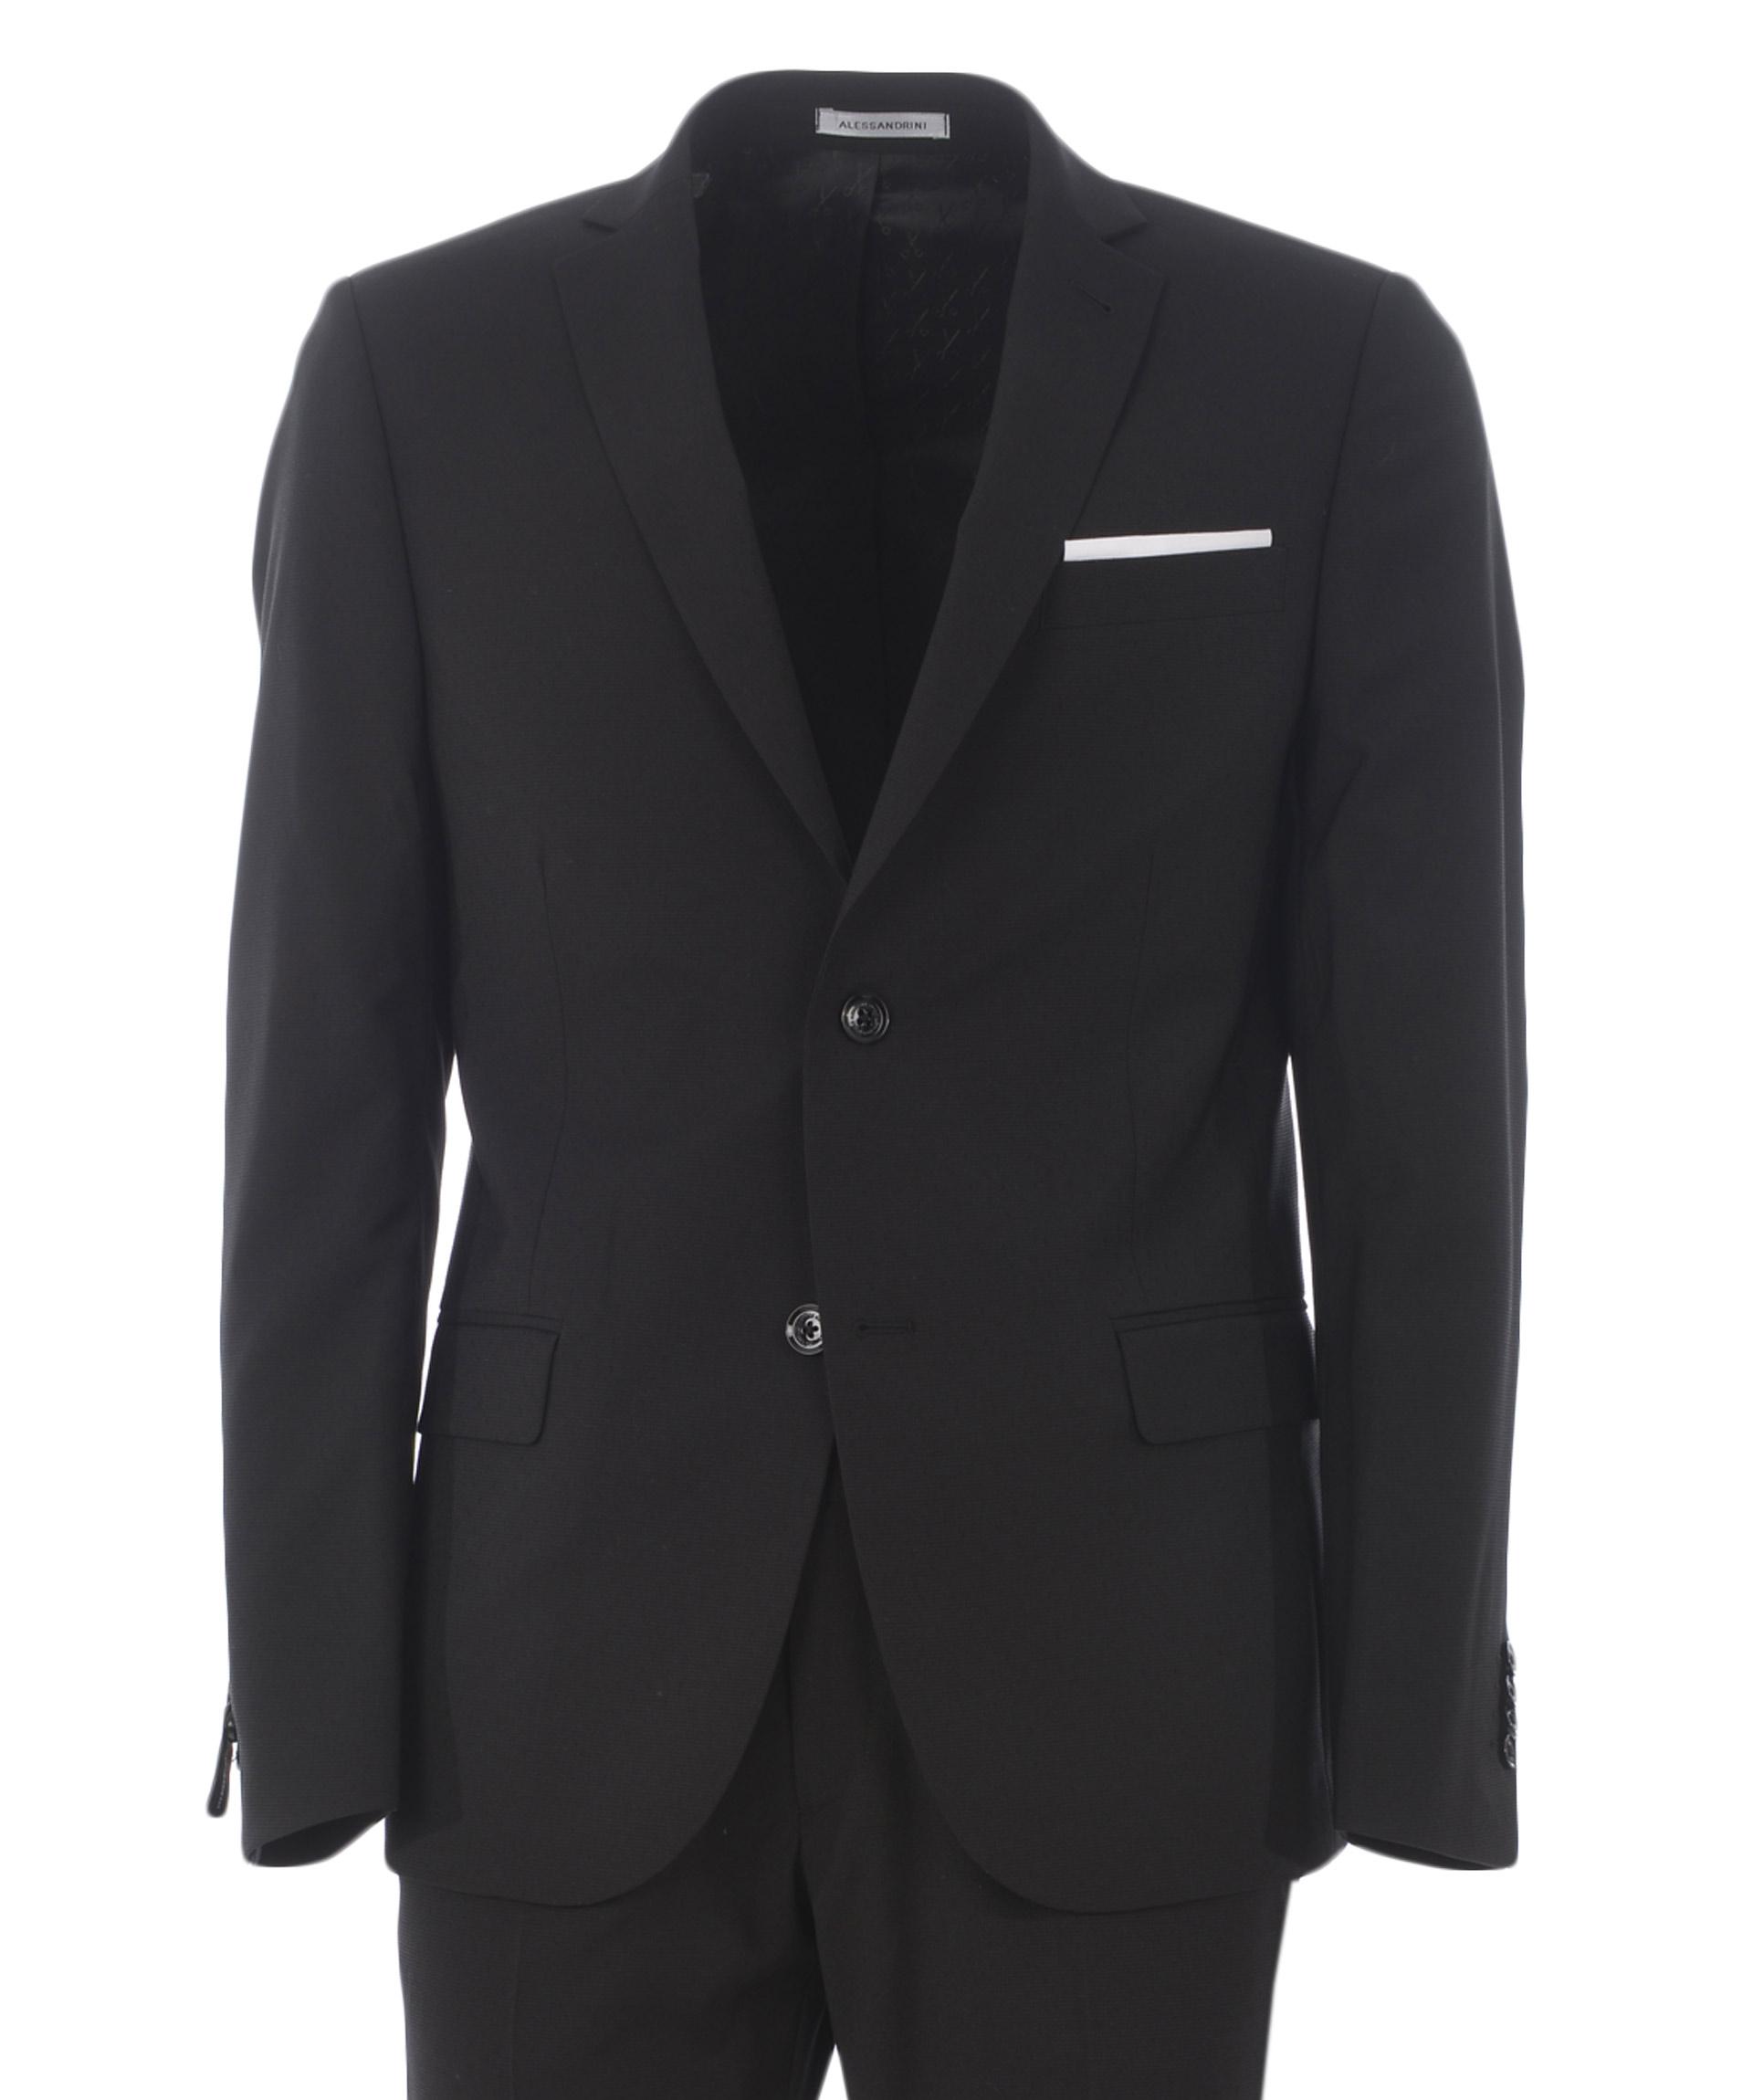 Daniele Alessandrini dress in viscose blend D.A. DANIELE ALESSANDRINI   11   A030N877-1